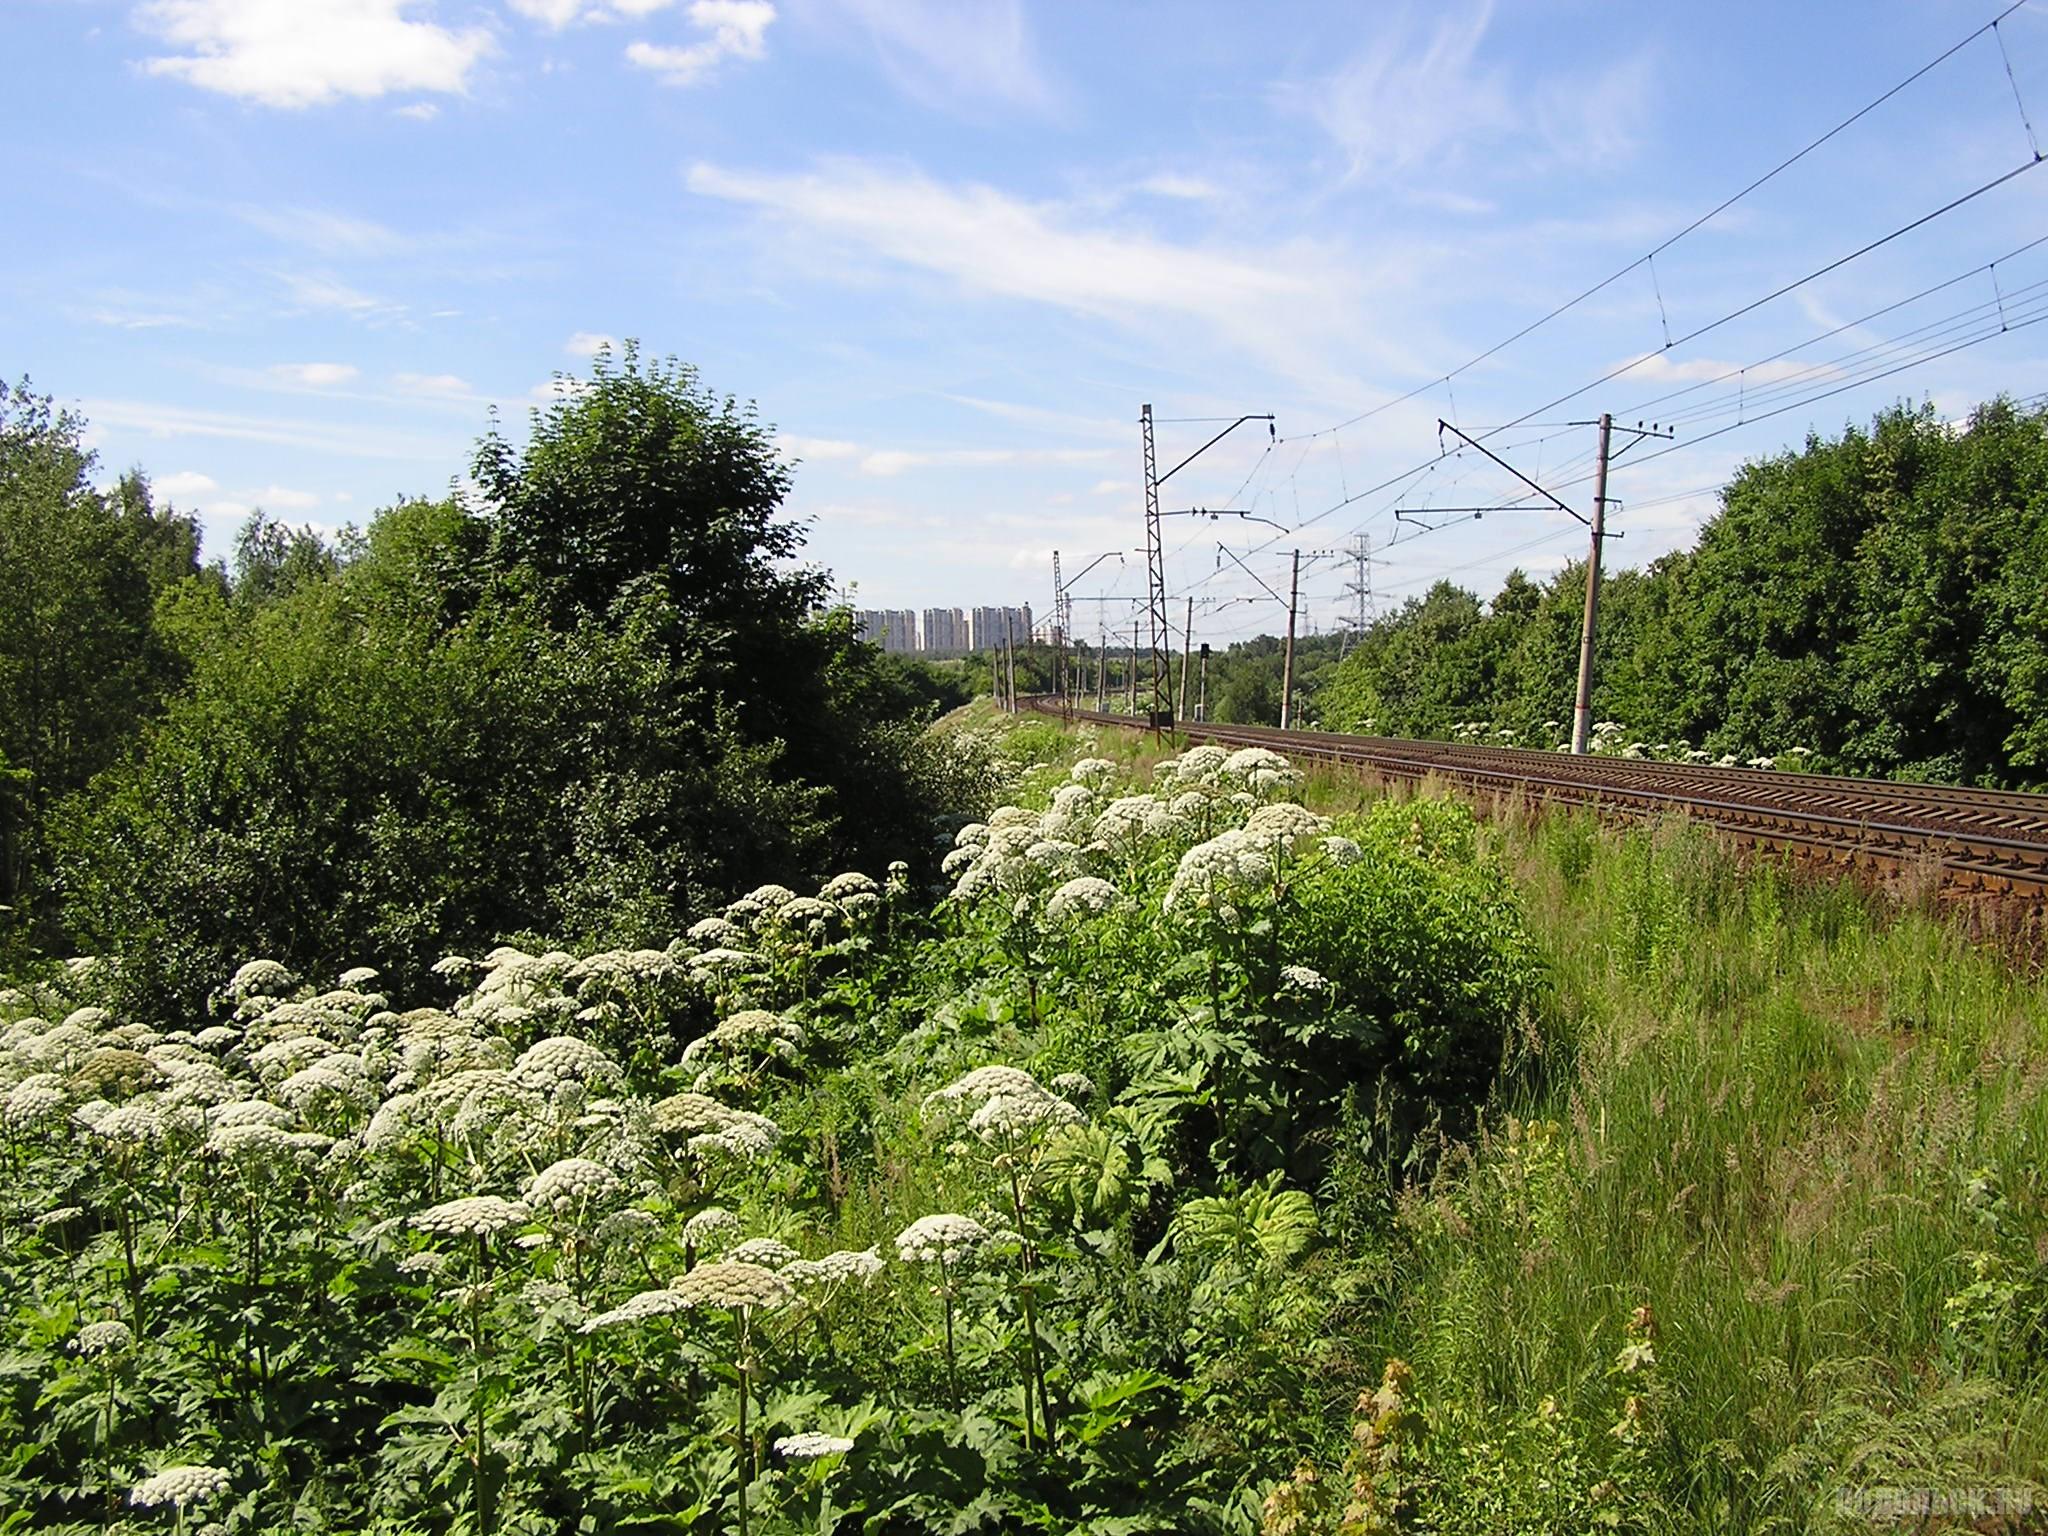 Железная дорога в Битце в сторону Подольска. Борщевик. 29 июня 2016 г.